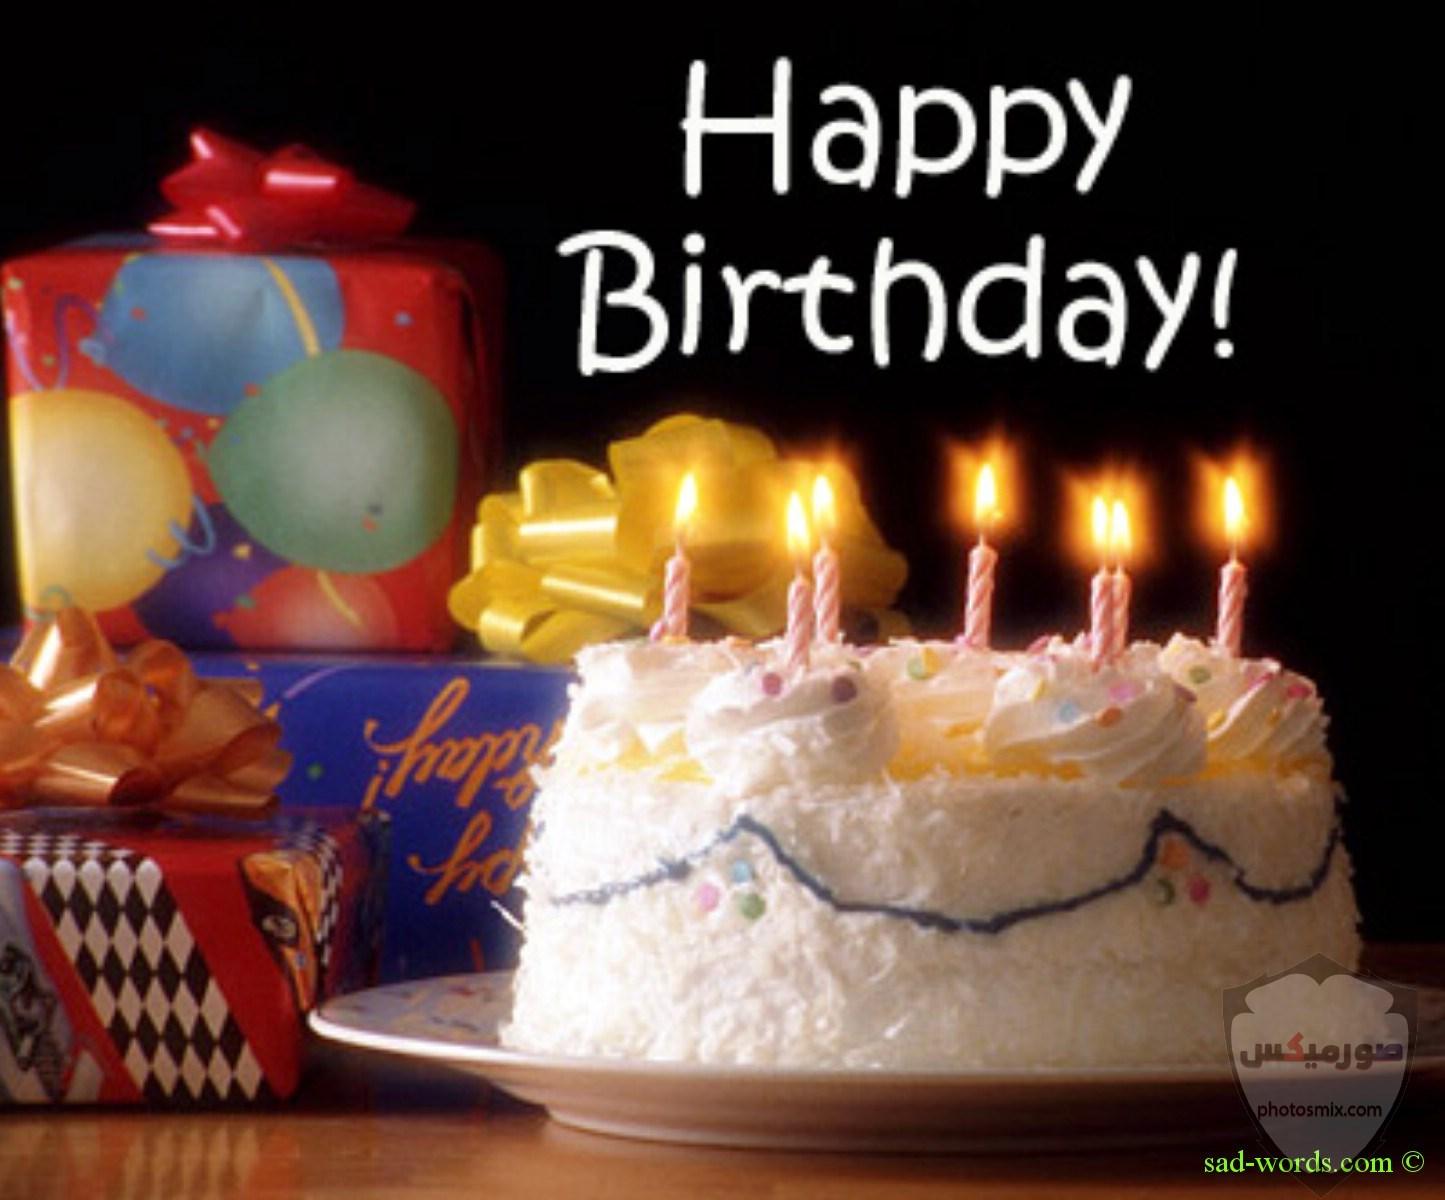 صور عيد ميلاد سعيد 2020 صور تورتة تهنئة لأعياد الميلاد 2021 صور happy birth day 15